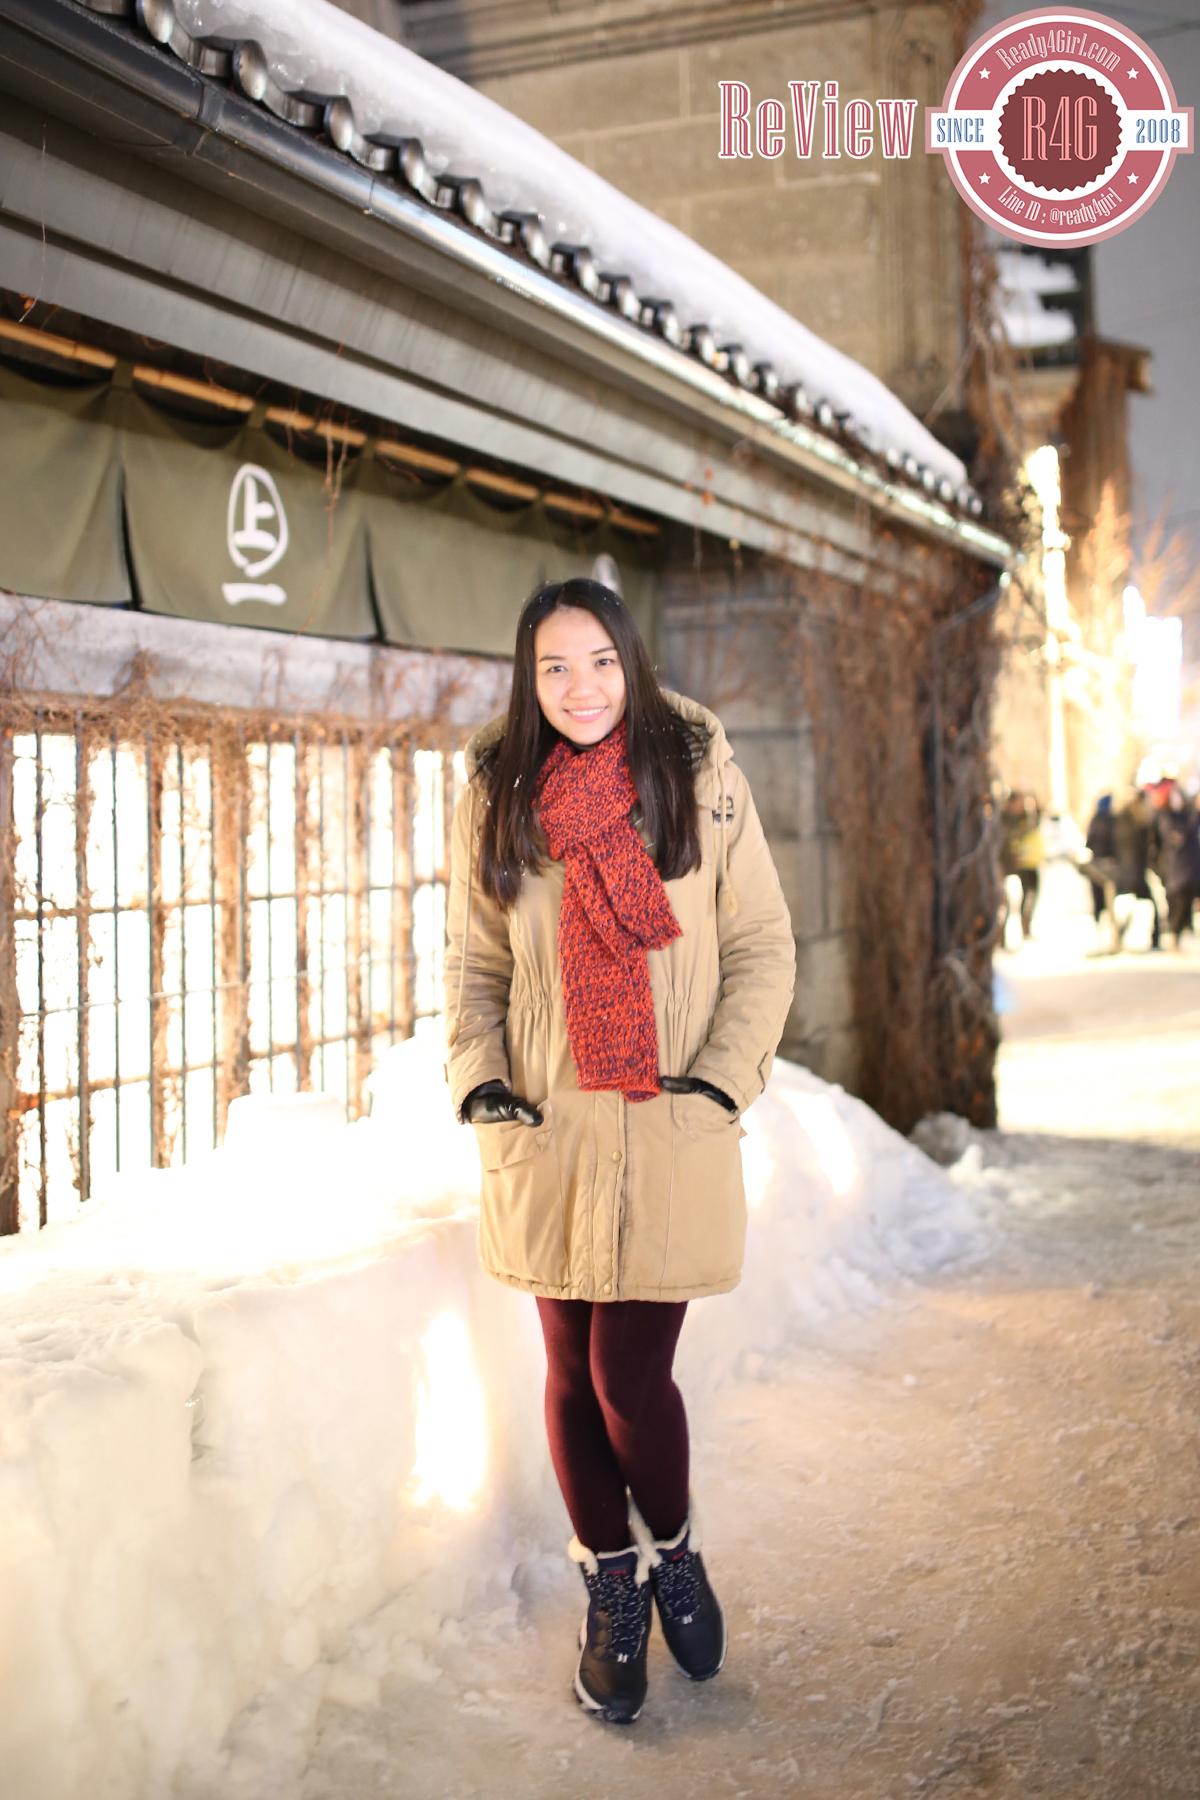 กางเกงเลกกิ้งกันหนาวติดลบ รุ่นหนาซับแคชเมียร์หนานุ่ม แบบเปิดปลายเท้า (11715L)